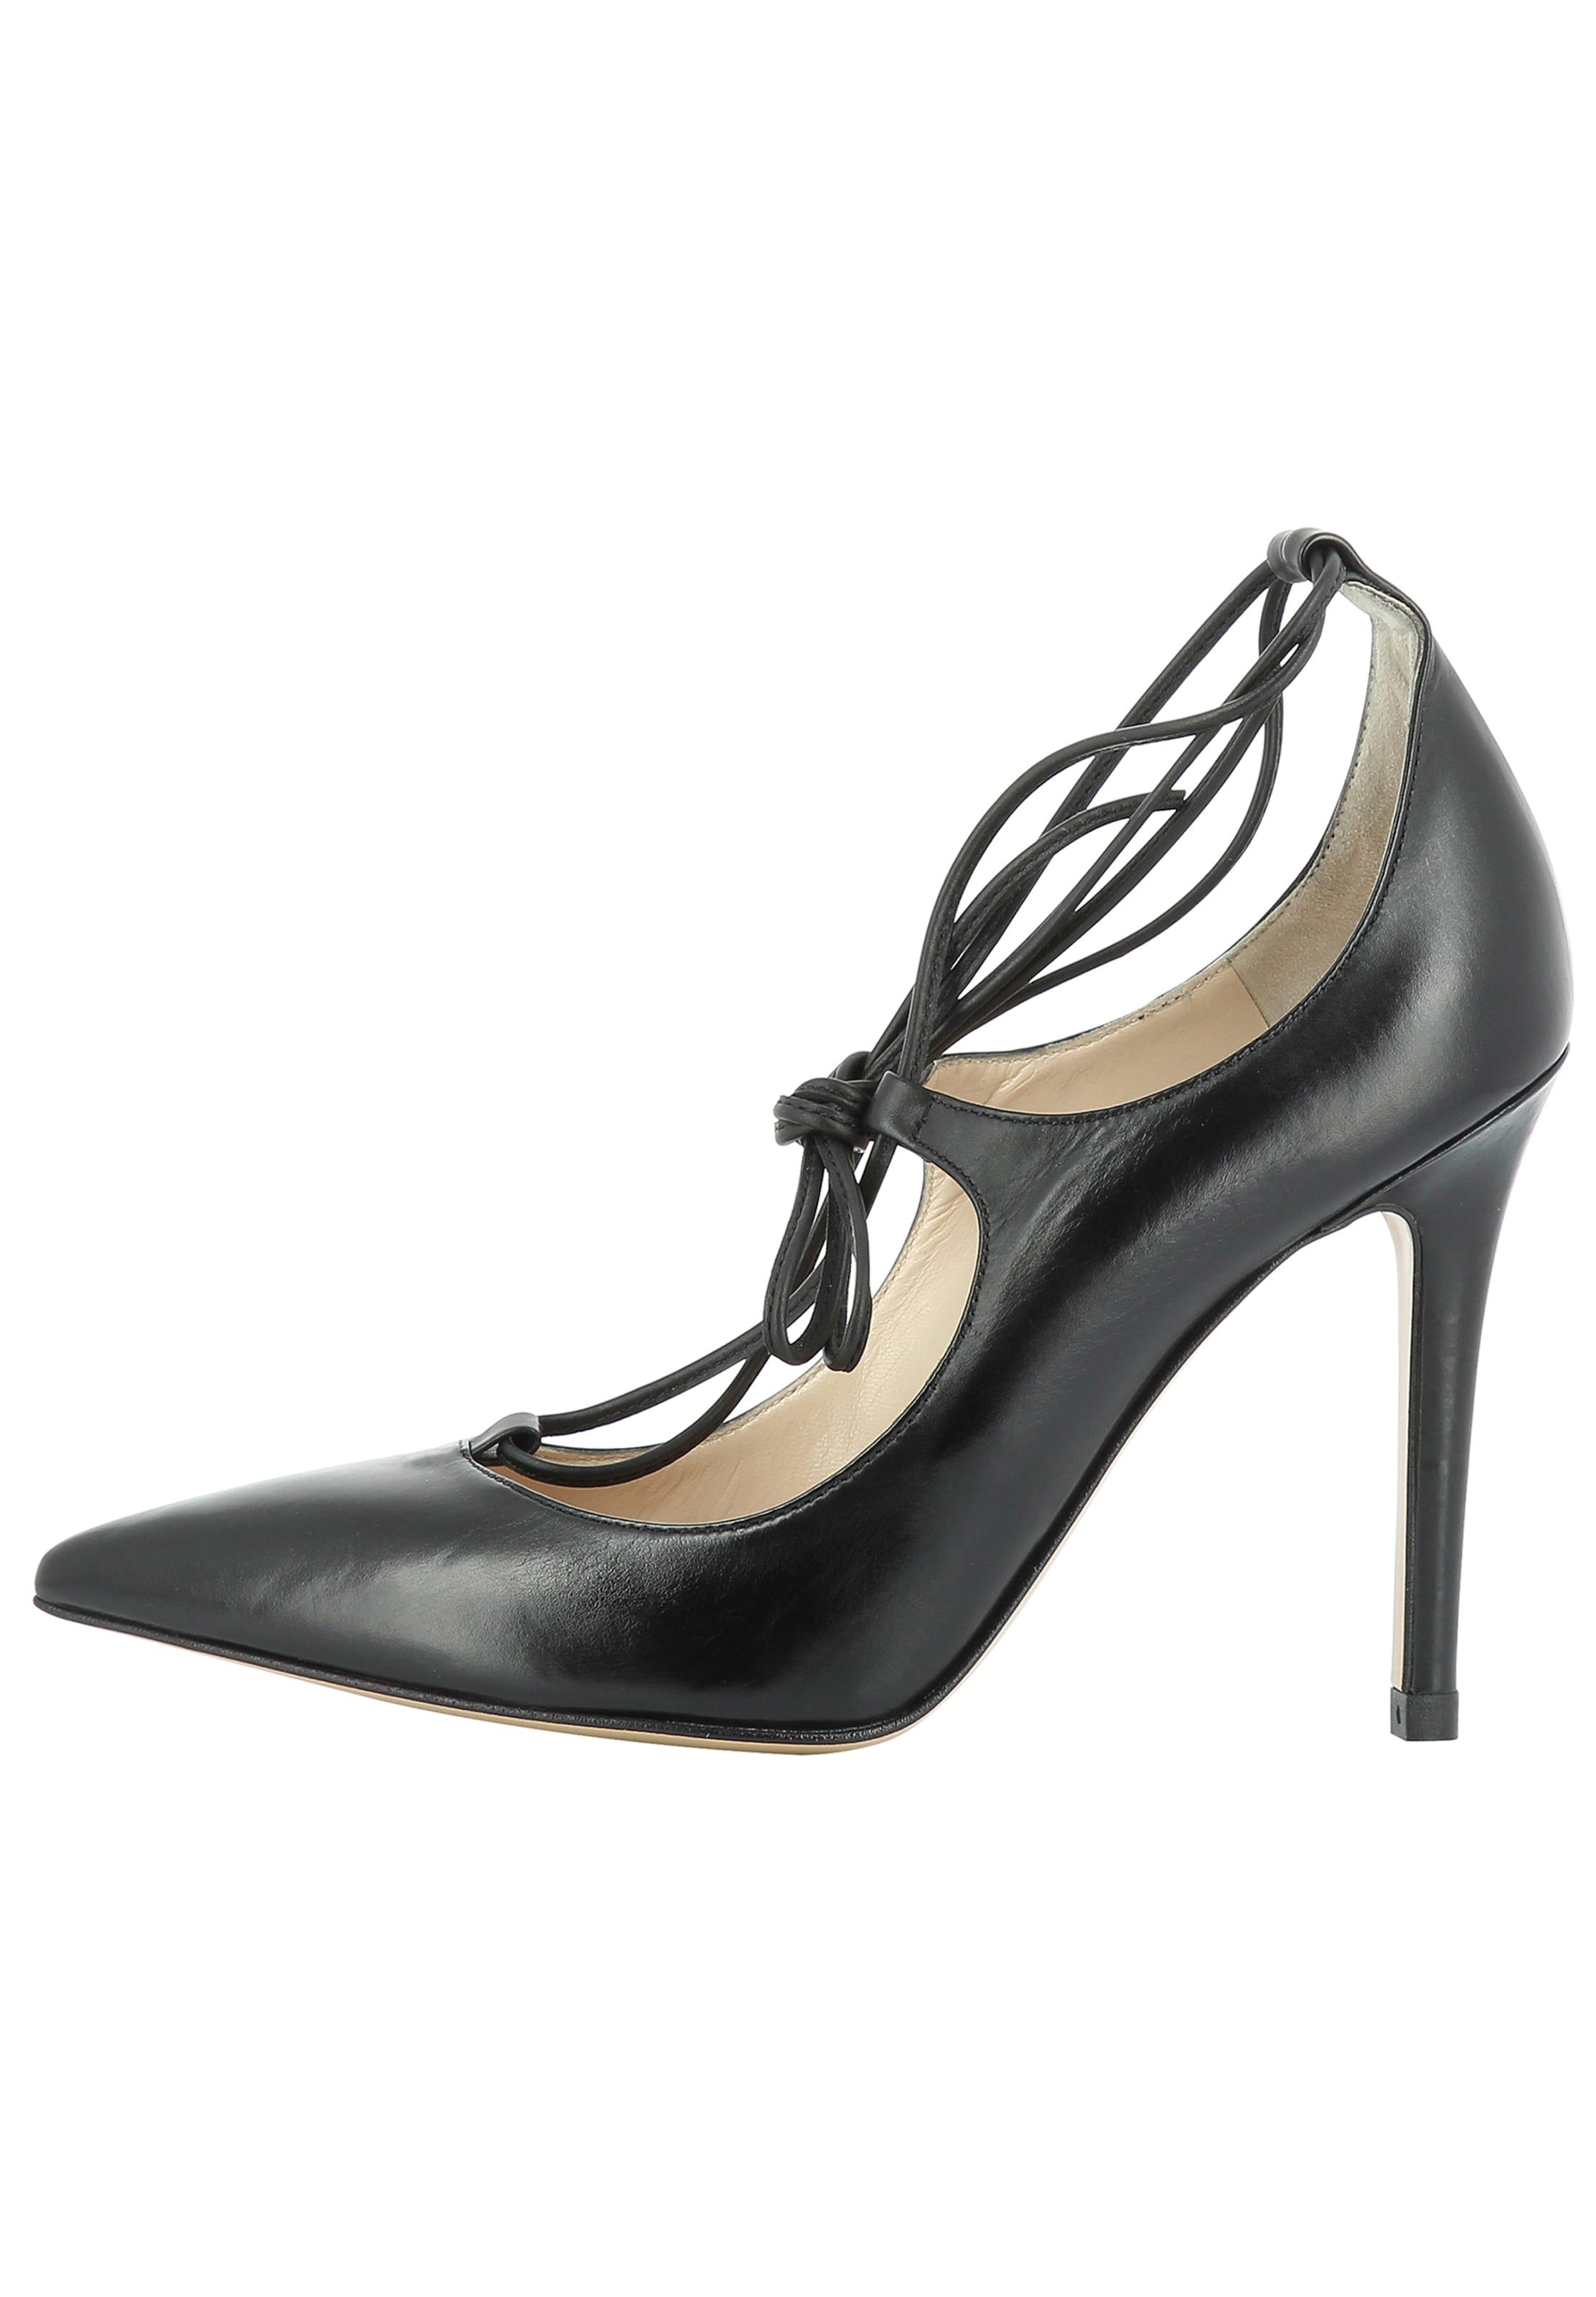 En Evita Evita Noir En Escarpins Escarpins En Escarpins Evita Noir Noir QhxdsrCtB